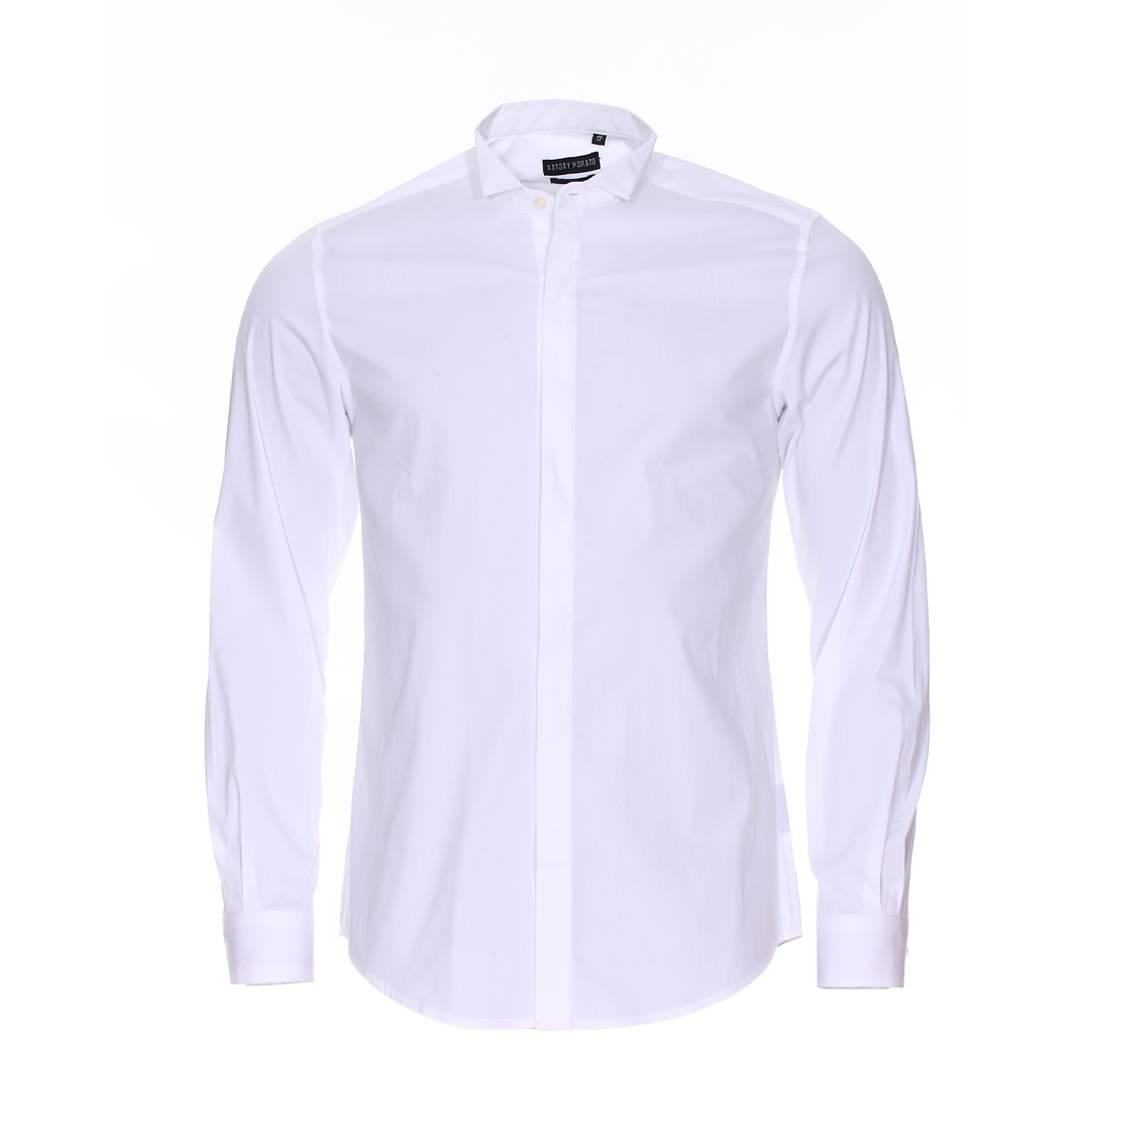 Chemise cintrée cérémonie  en coton stretch blanc à col cassé et boutonnière dissimulée